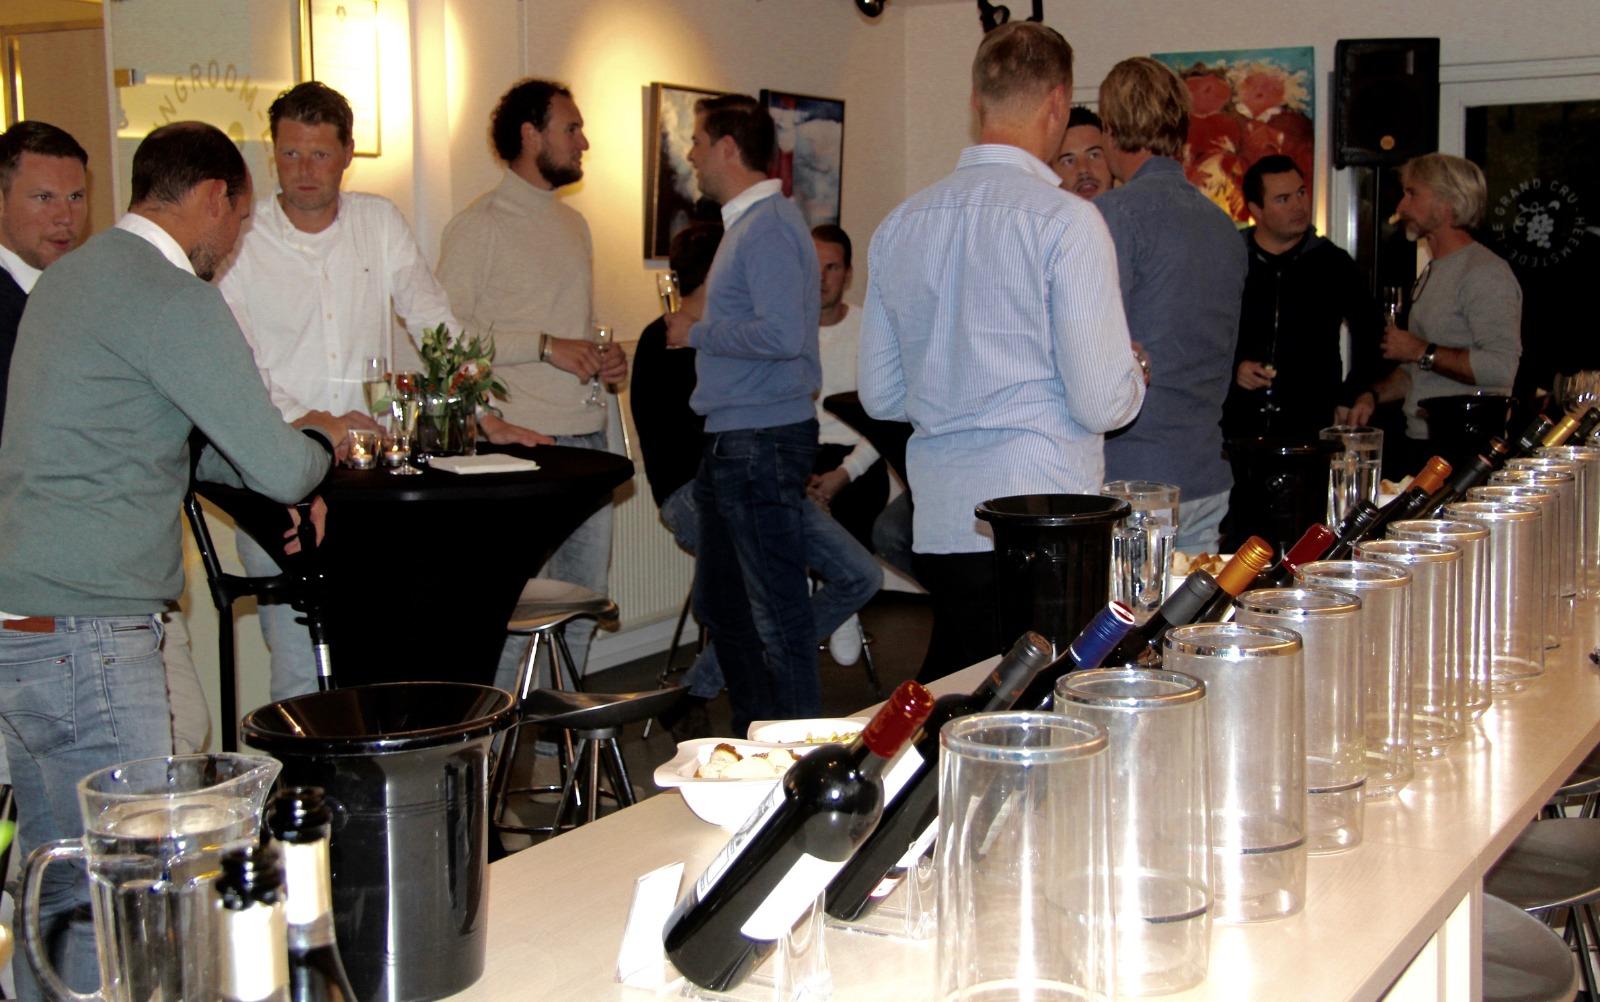 le-grand-cru-proeverij-feestje-wijnproeverij-heemstede-2